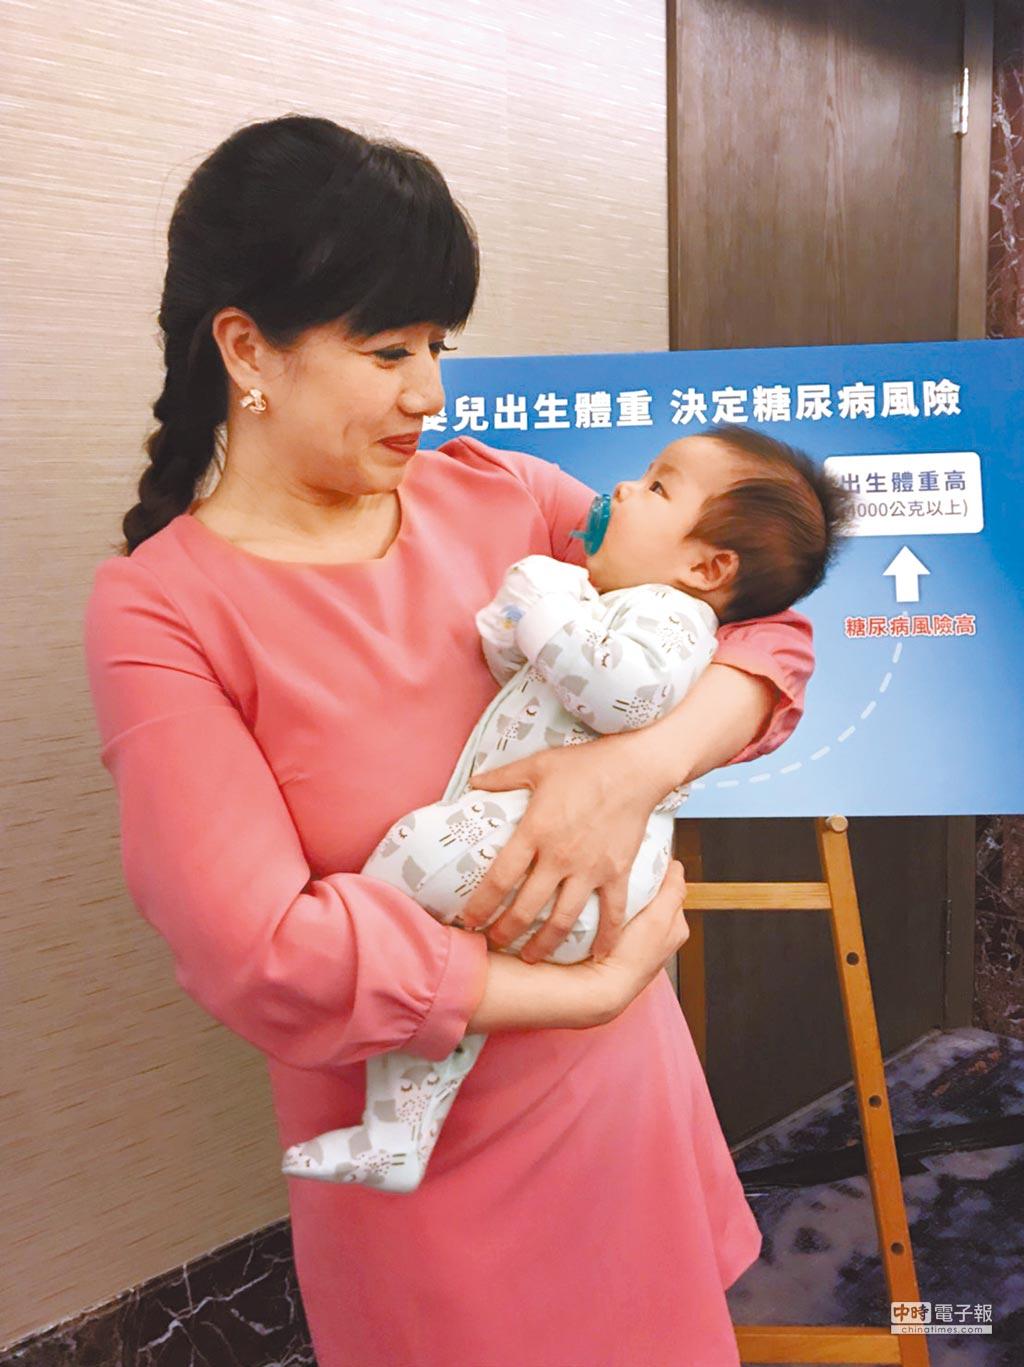 足月嬰兒出生體重太輕或太重,成人後得糖尿病風險為一般人的2.5倍。(鄭郁蓁攝)